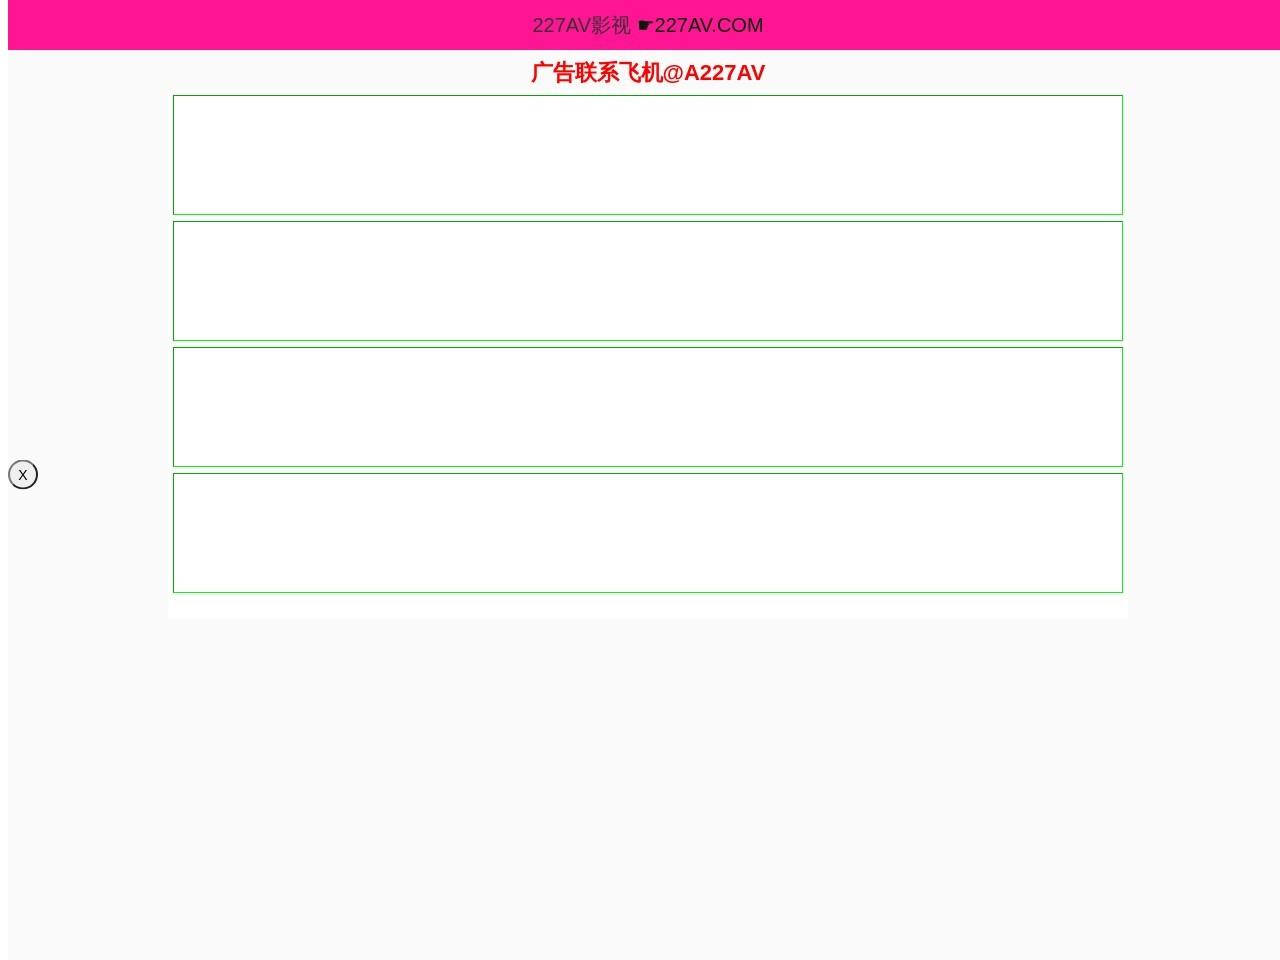 田中信行税理士事務所